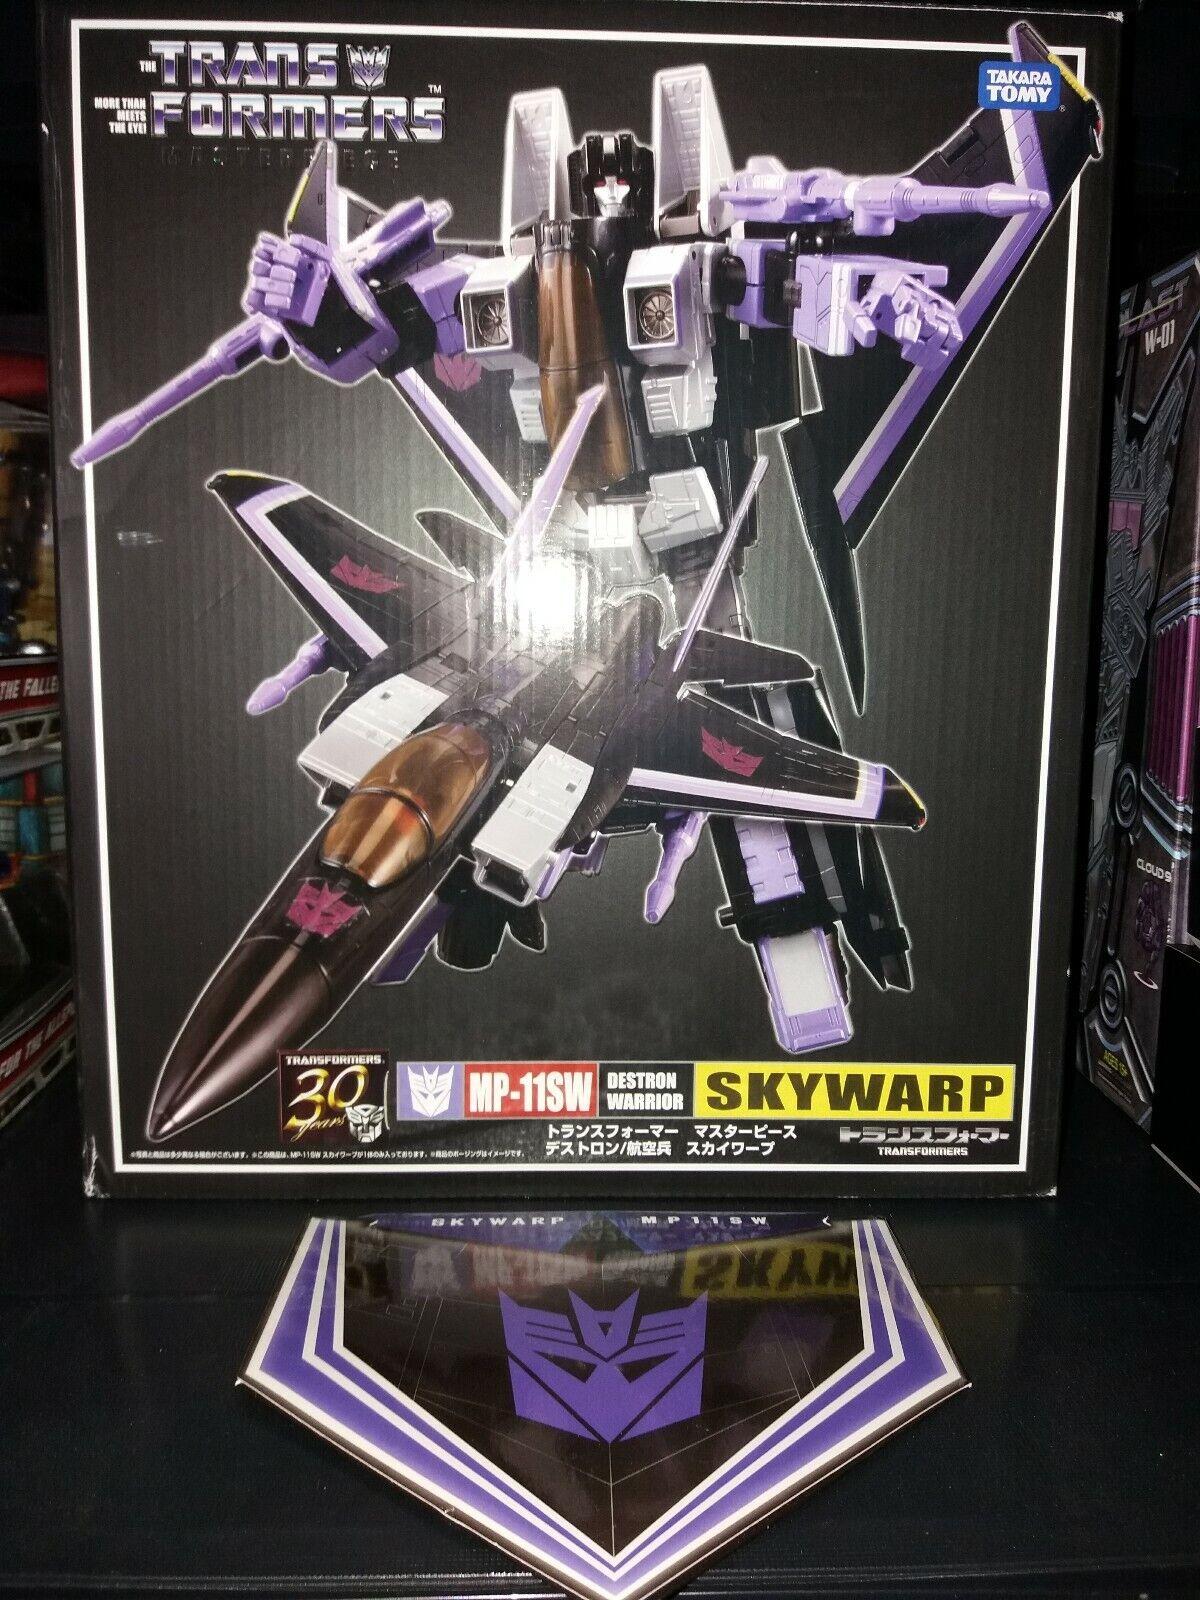 echa un vistazo a los más baratos Takara Takara Takara MP-11SW Transformers Masterpiece Skywarp con COIB (todos 100% Genuino)  tienda en linea